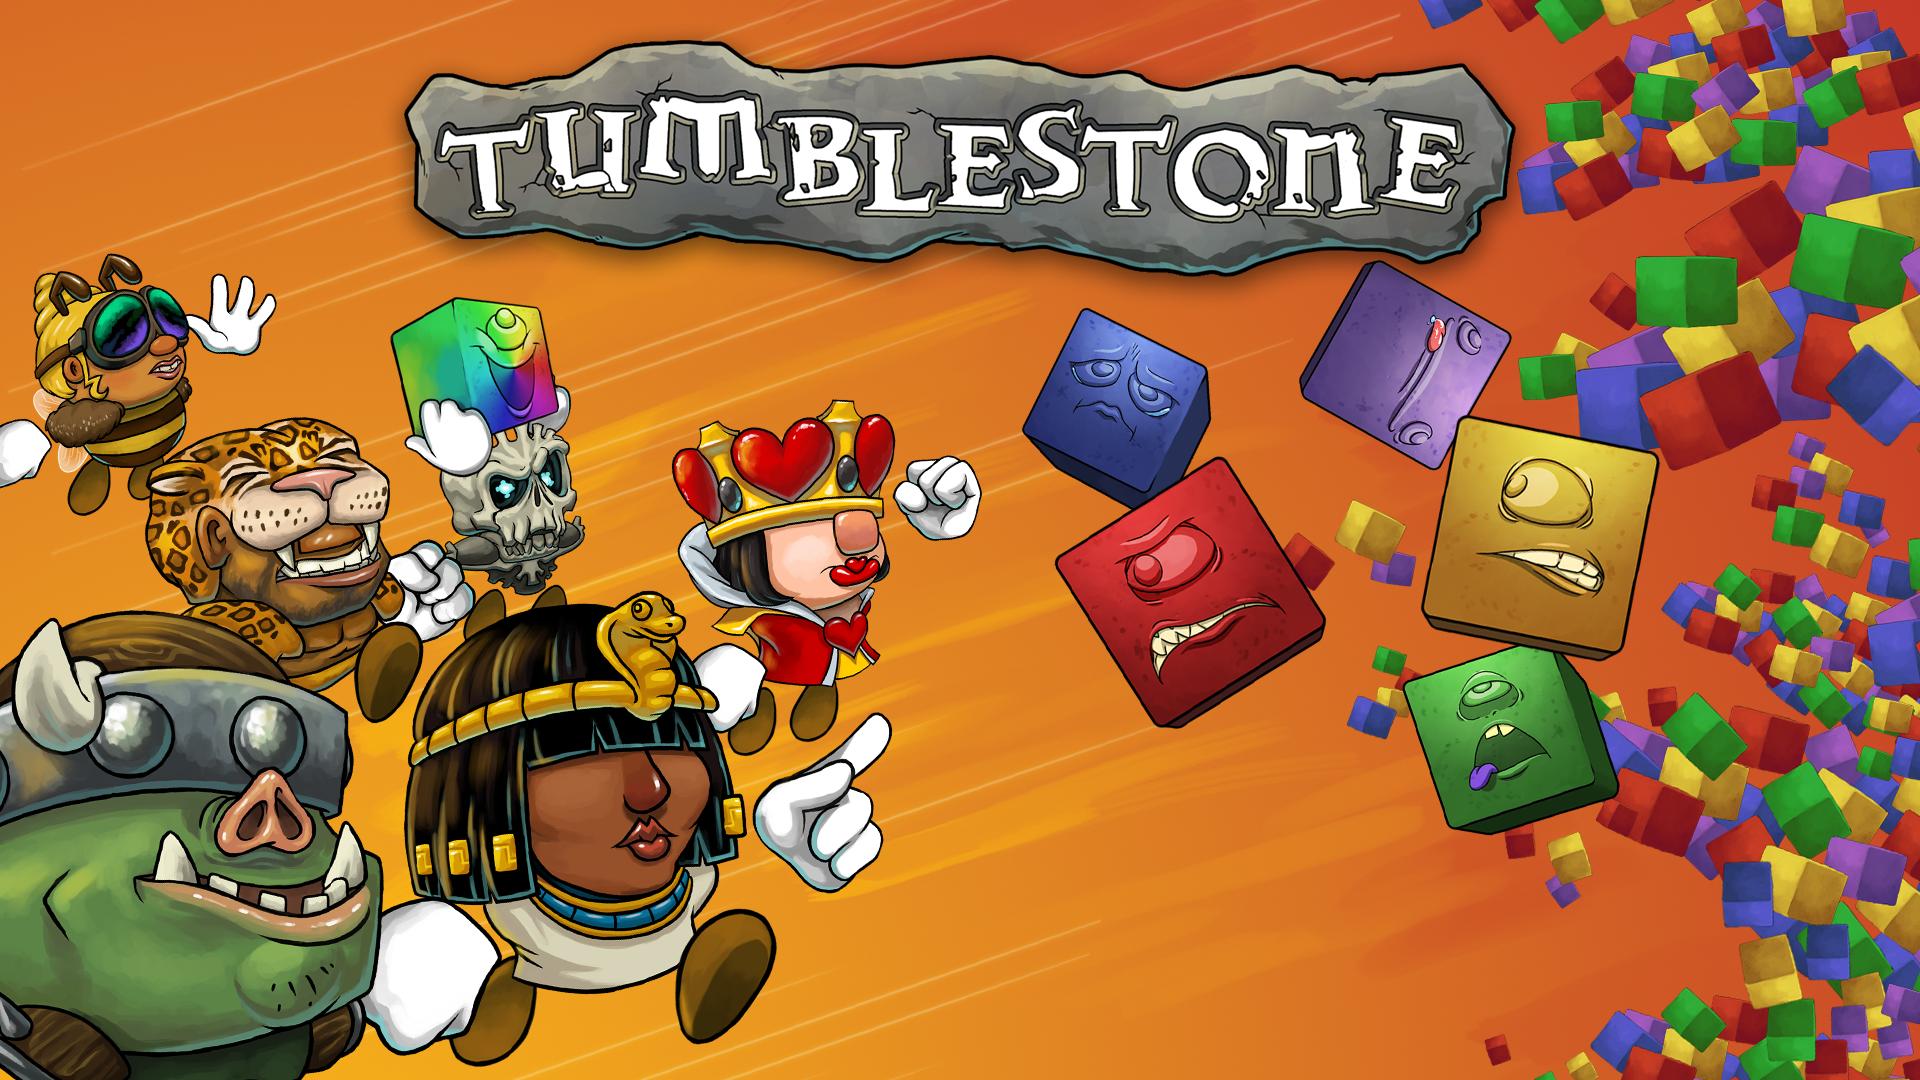 Tumblestone [PC Code - Steam]